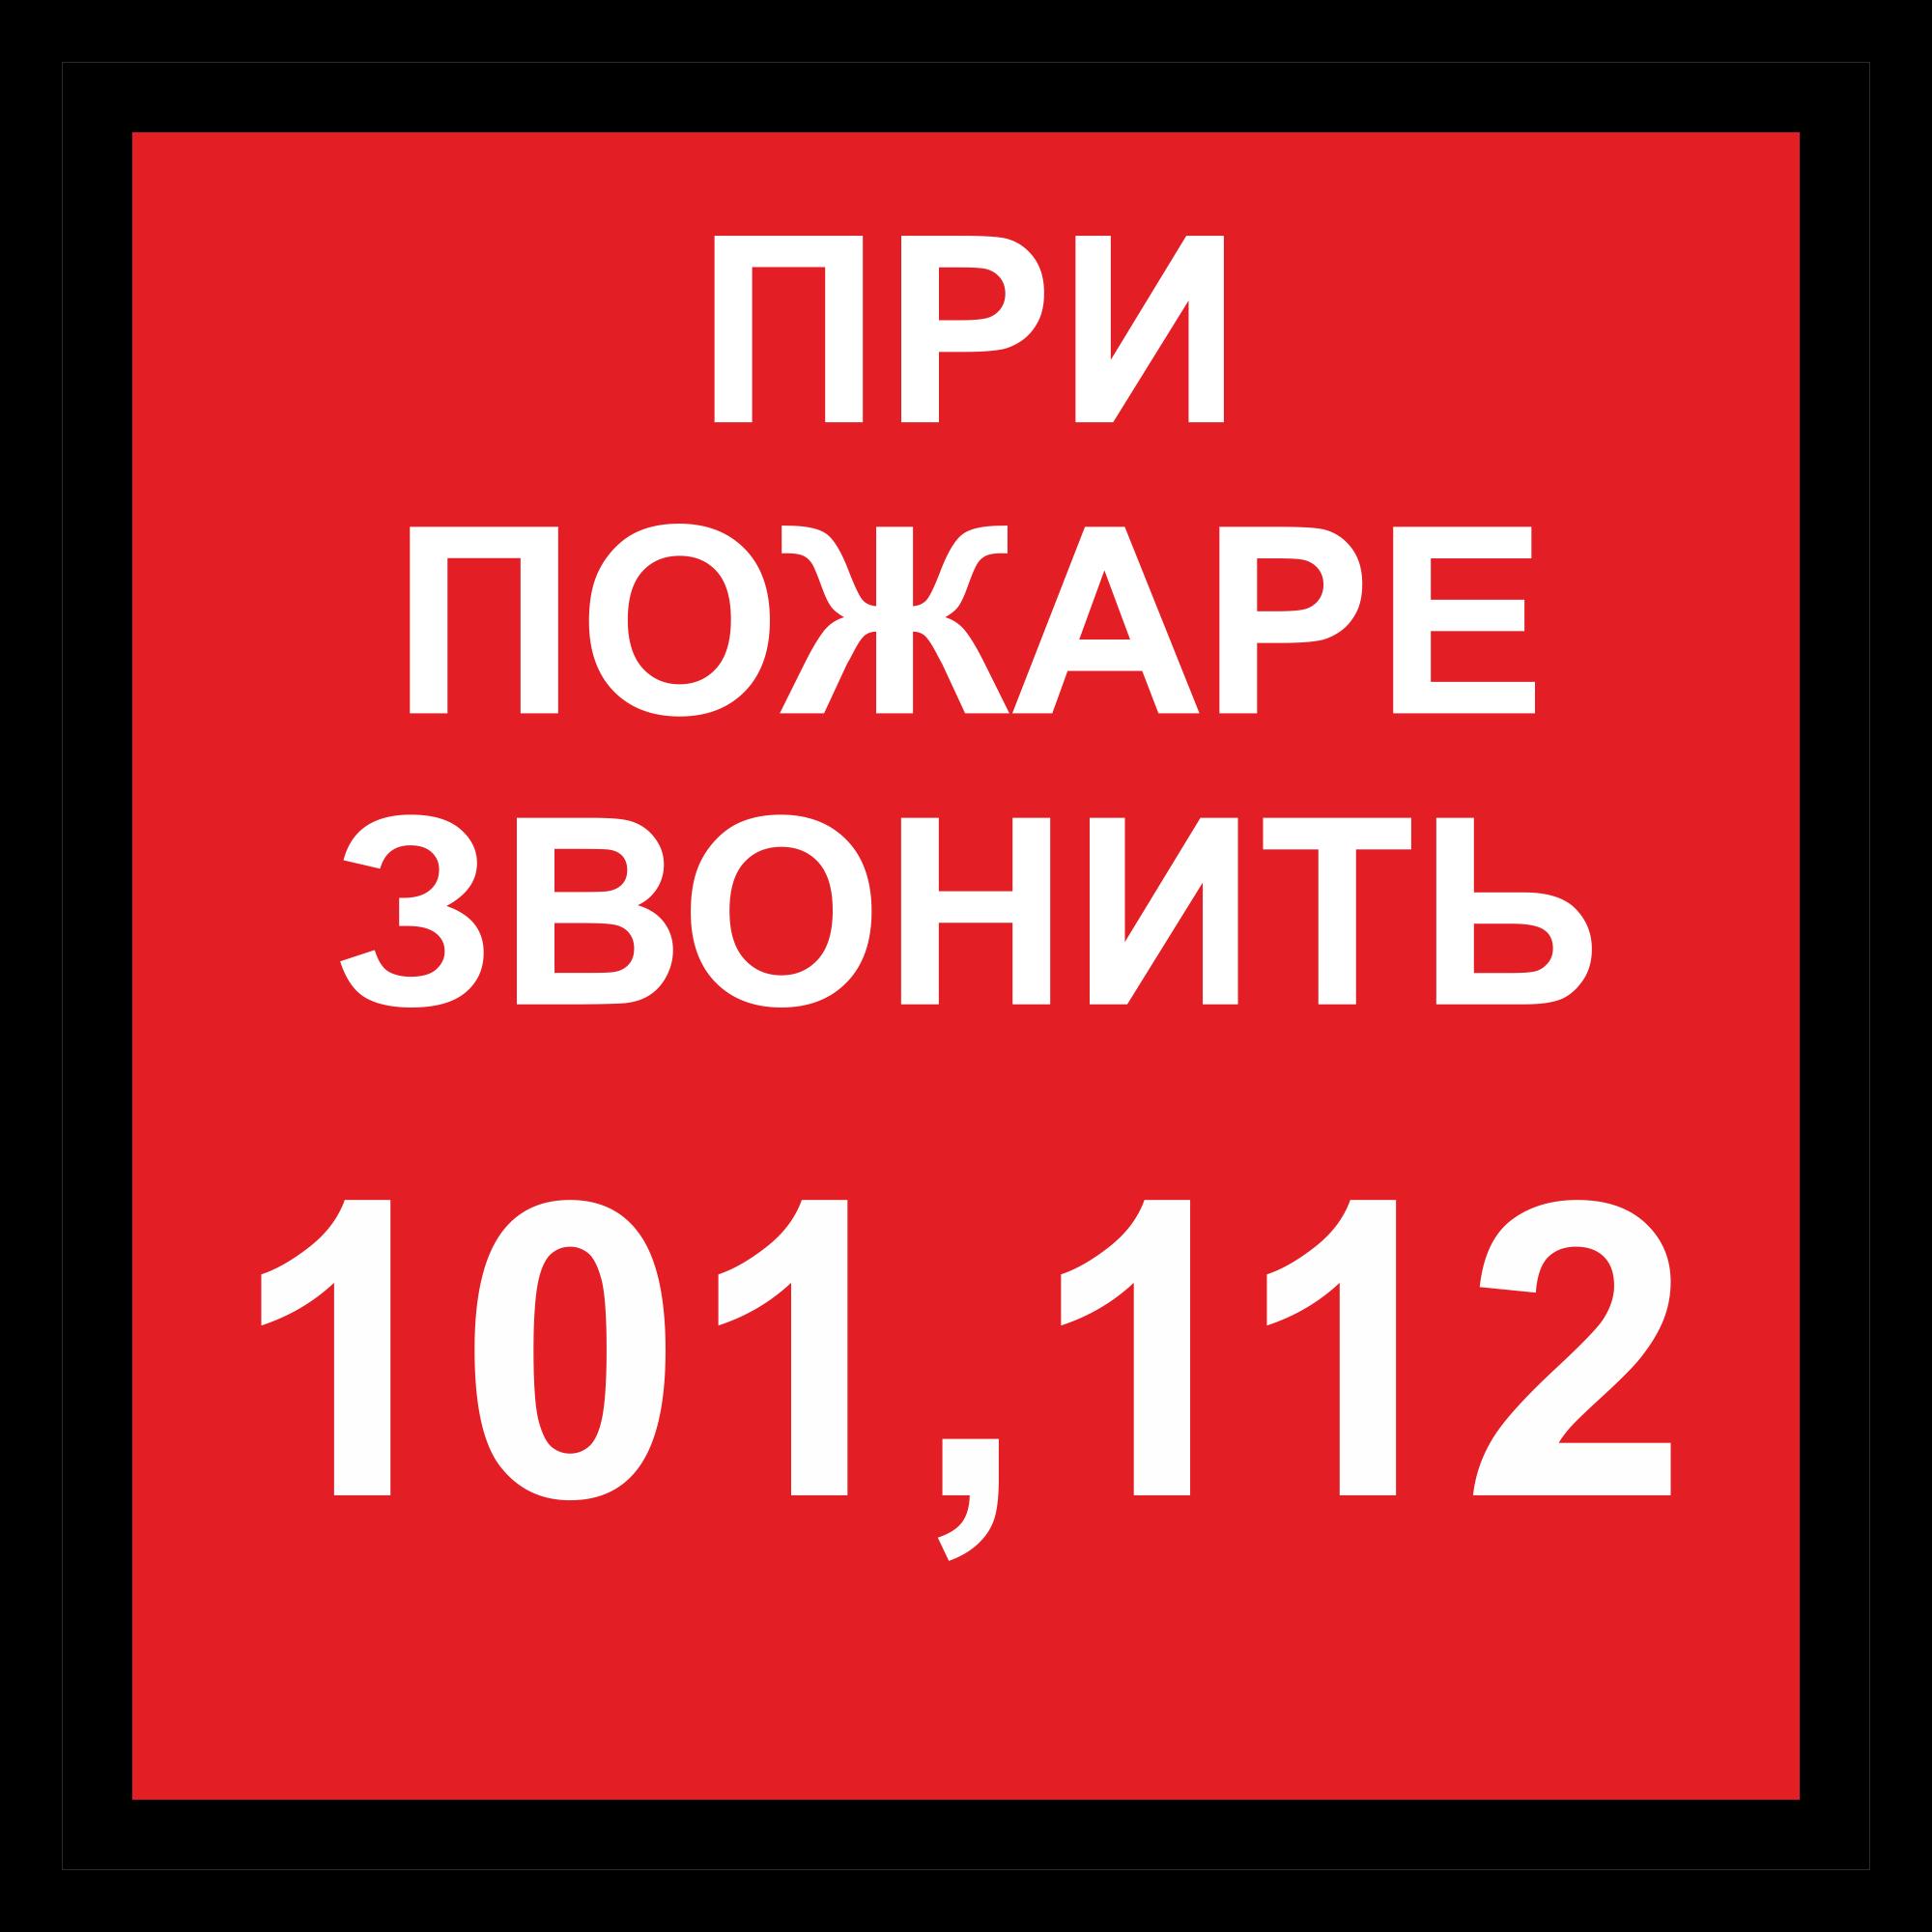 ДПБ-06 При пожаре звонить 101, 112